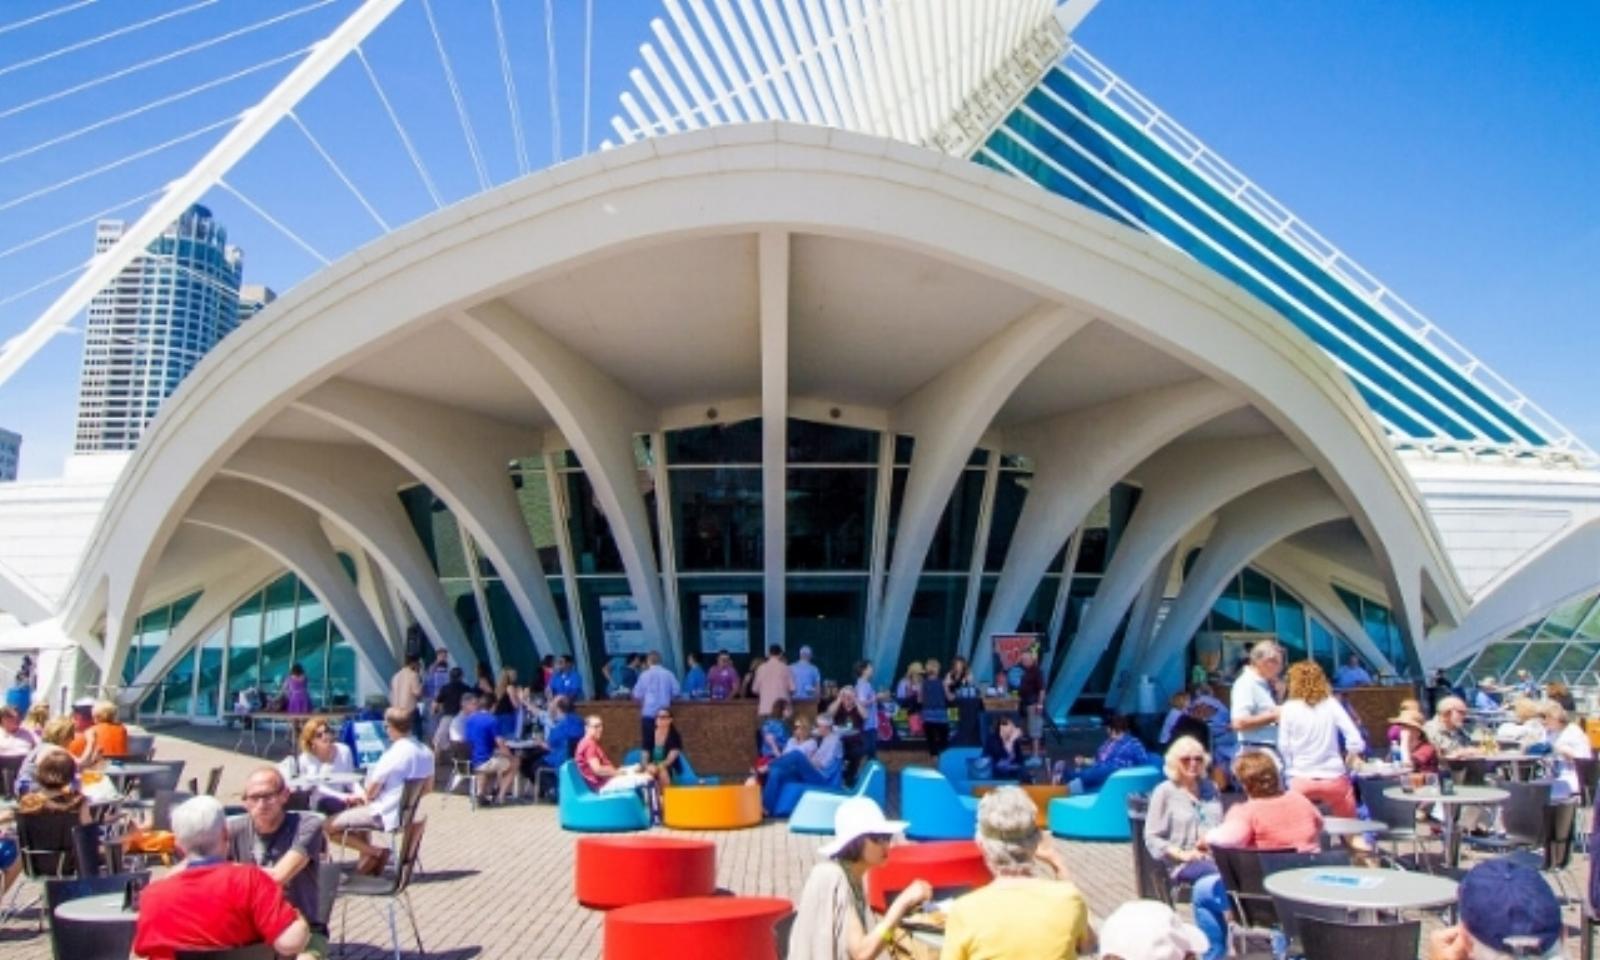 Lakefront Festival of Park - Baumgartner Terrace, Milwaukee Art Museum